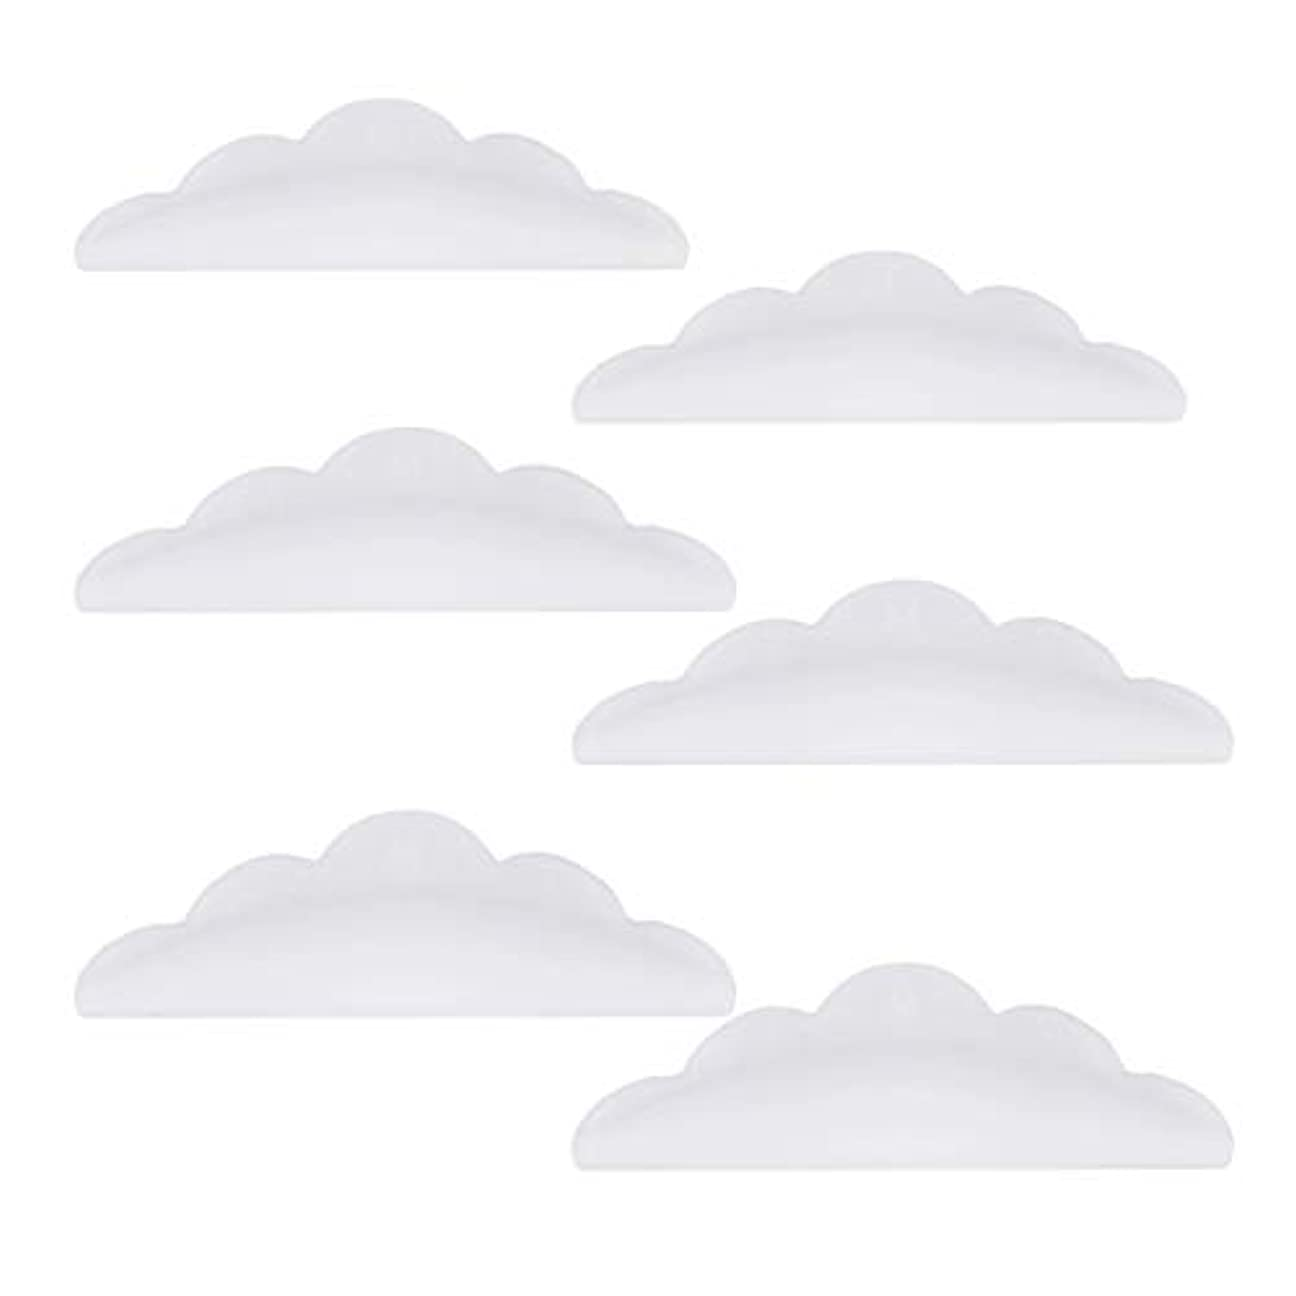 ごめんなさい頼る降臨Lurrose 24本のシリコーンまつげパーマカーラーシールドパッド化粧道具(ホワイト)